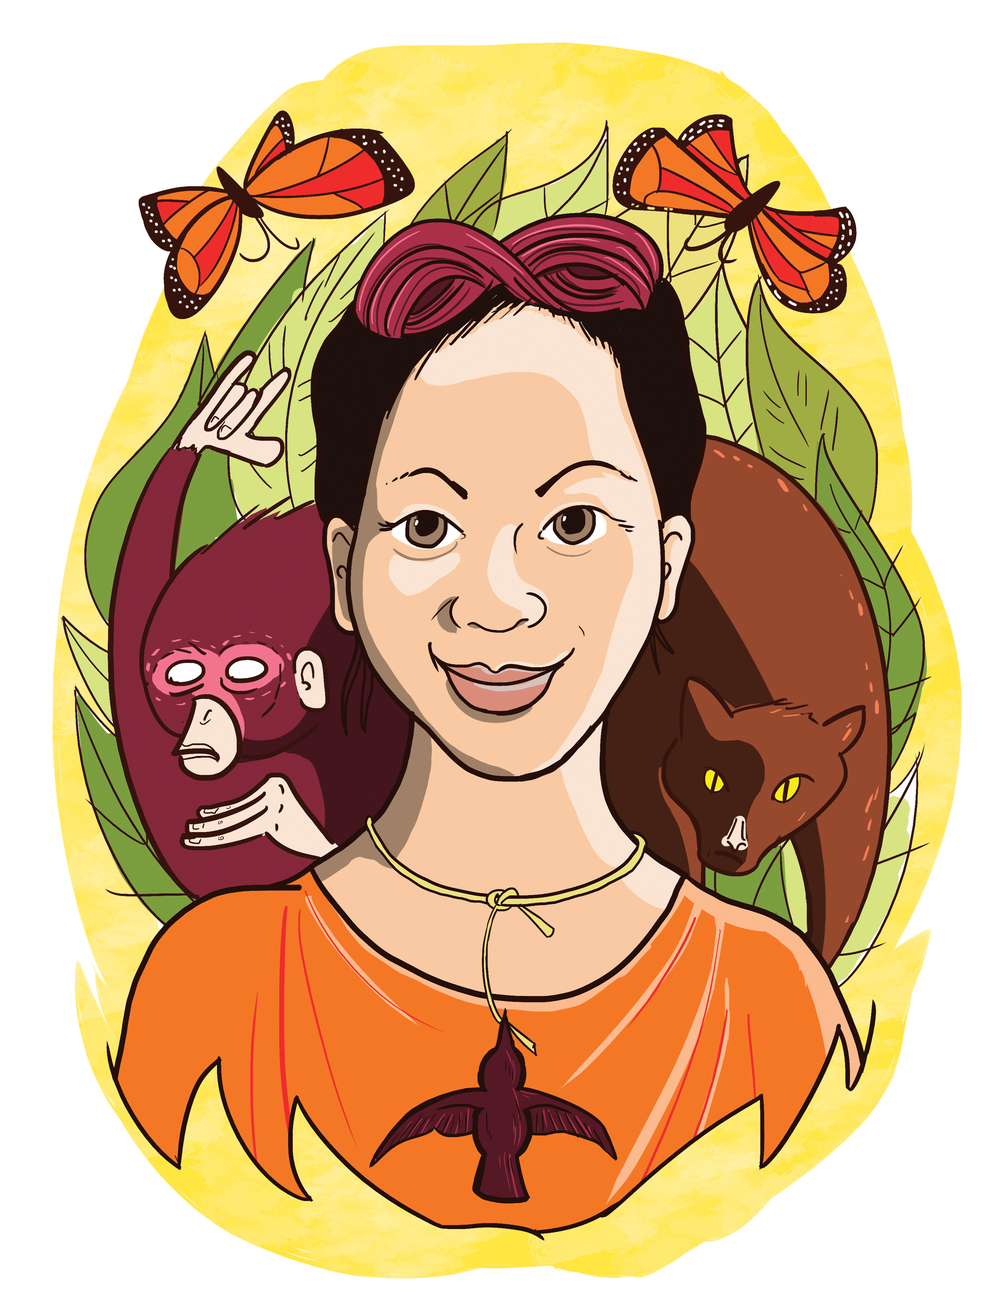 –illustration by JAVIER SUÁREZ